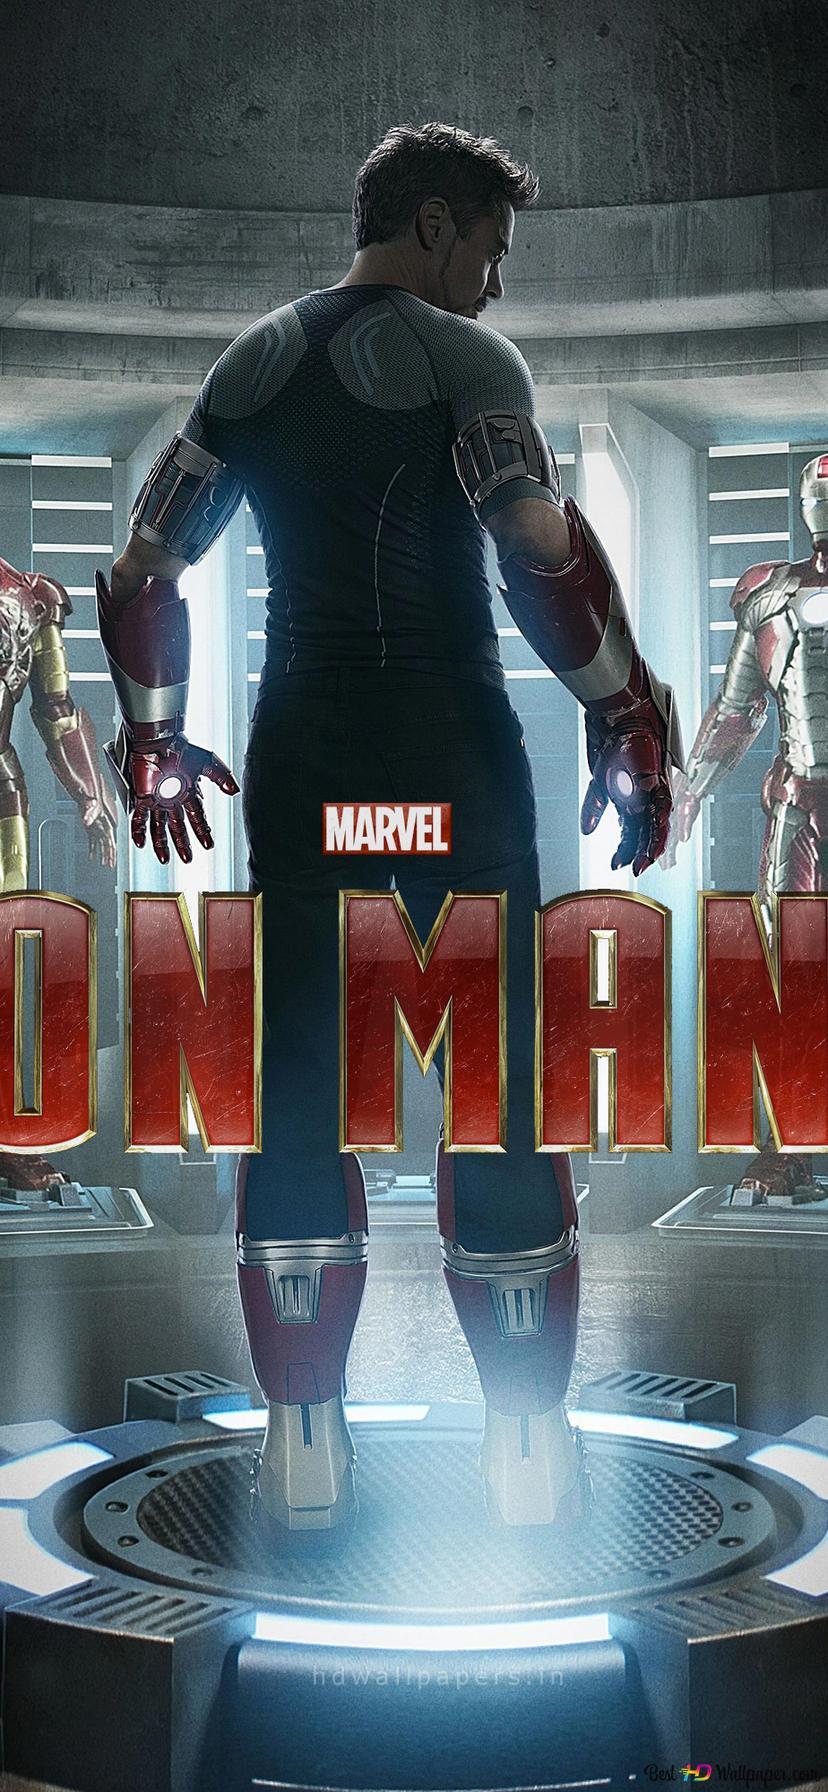 Iron Man 3 Filmplakat Hd Hintergrundbilder Herunterladen